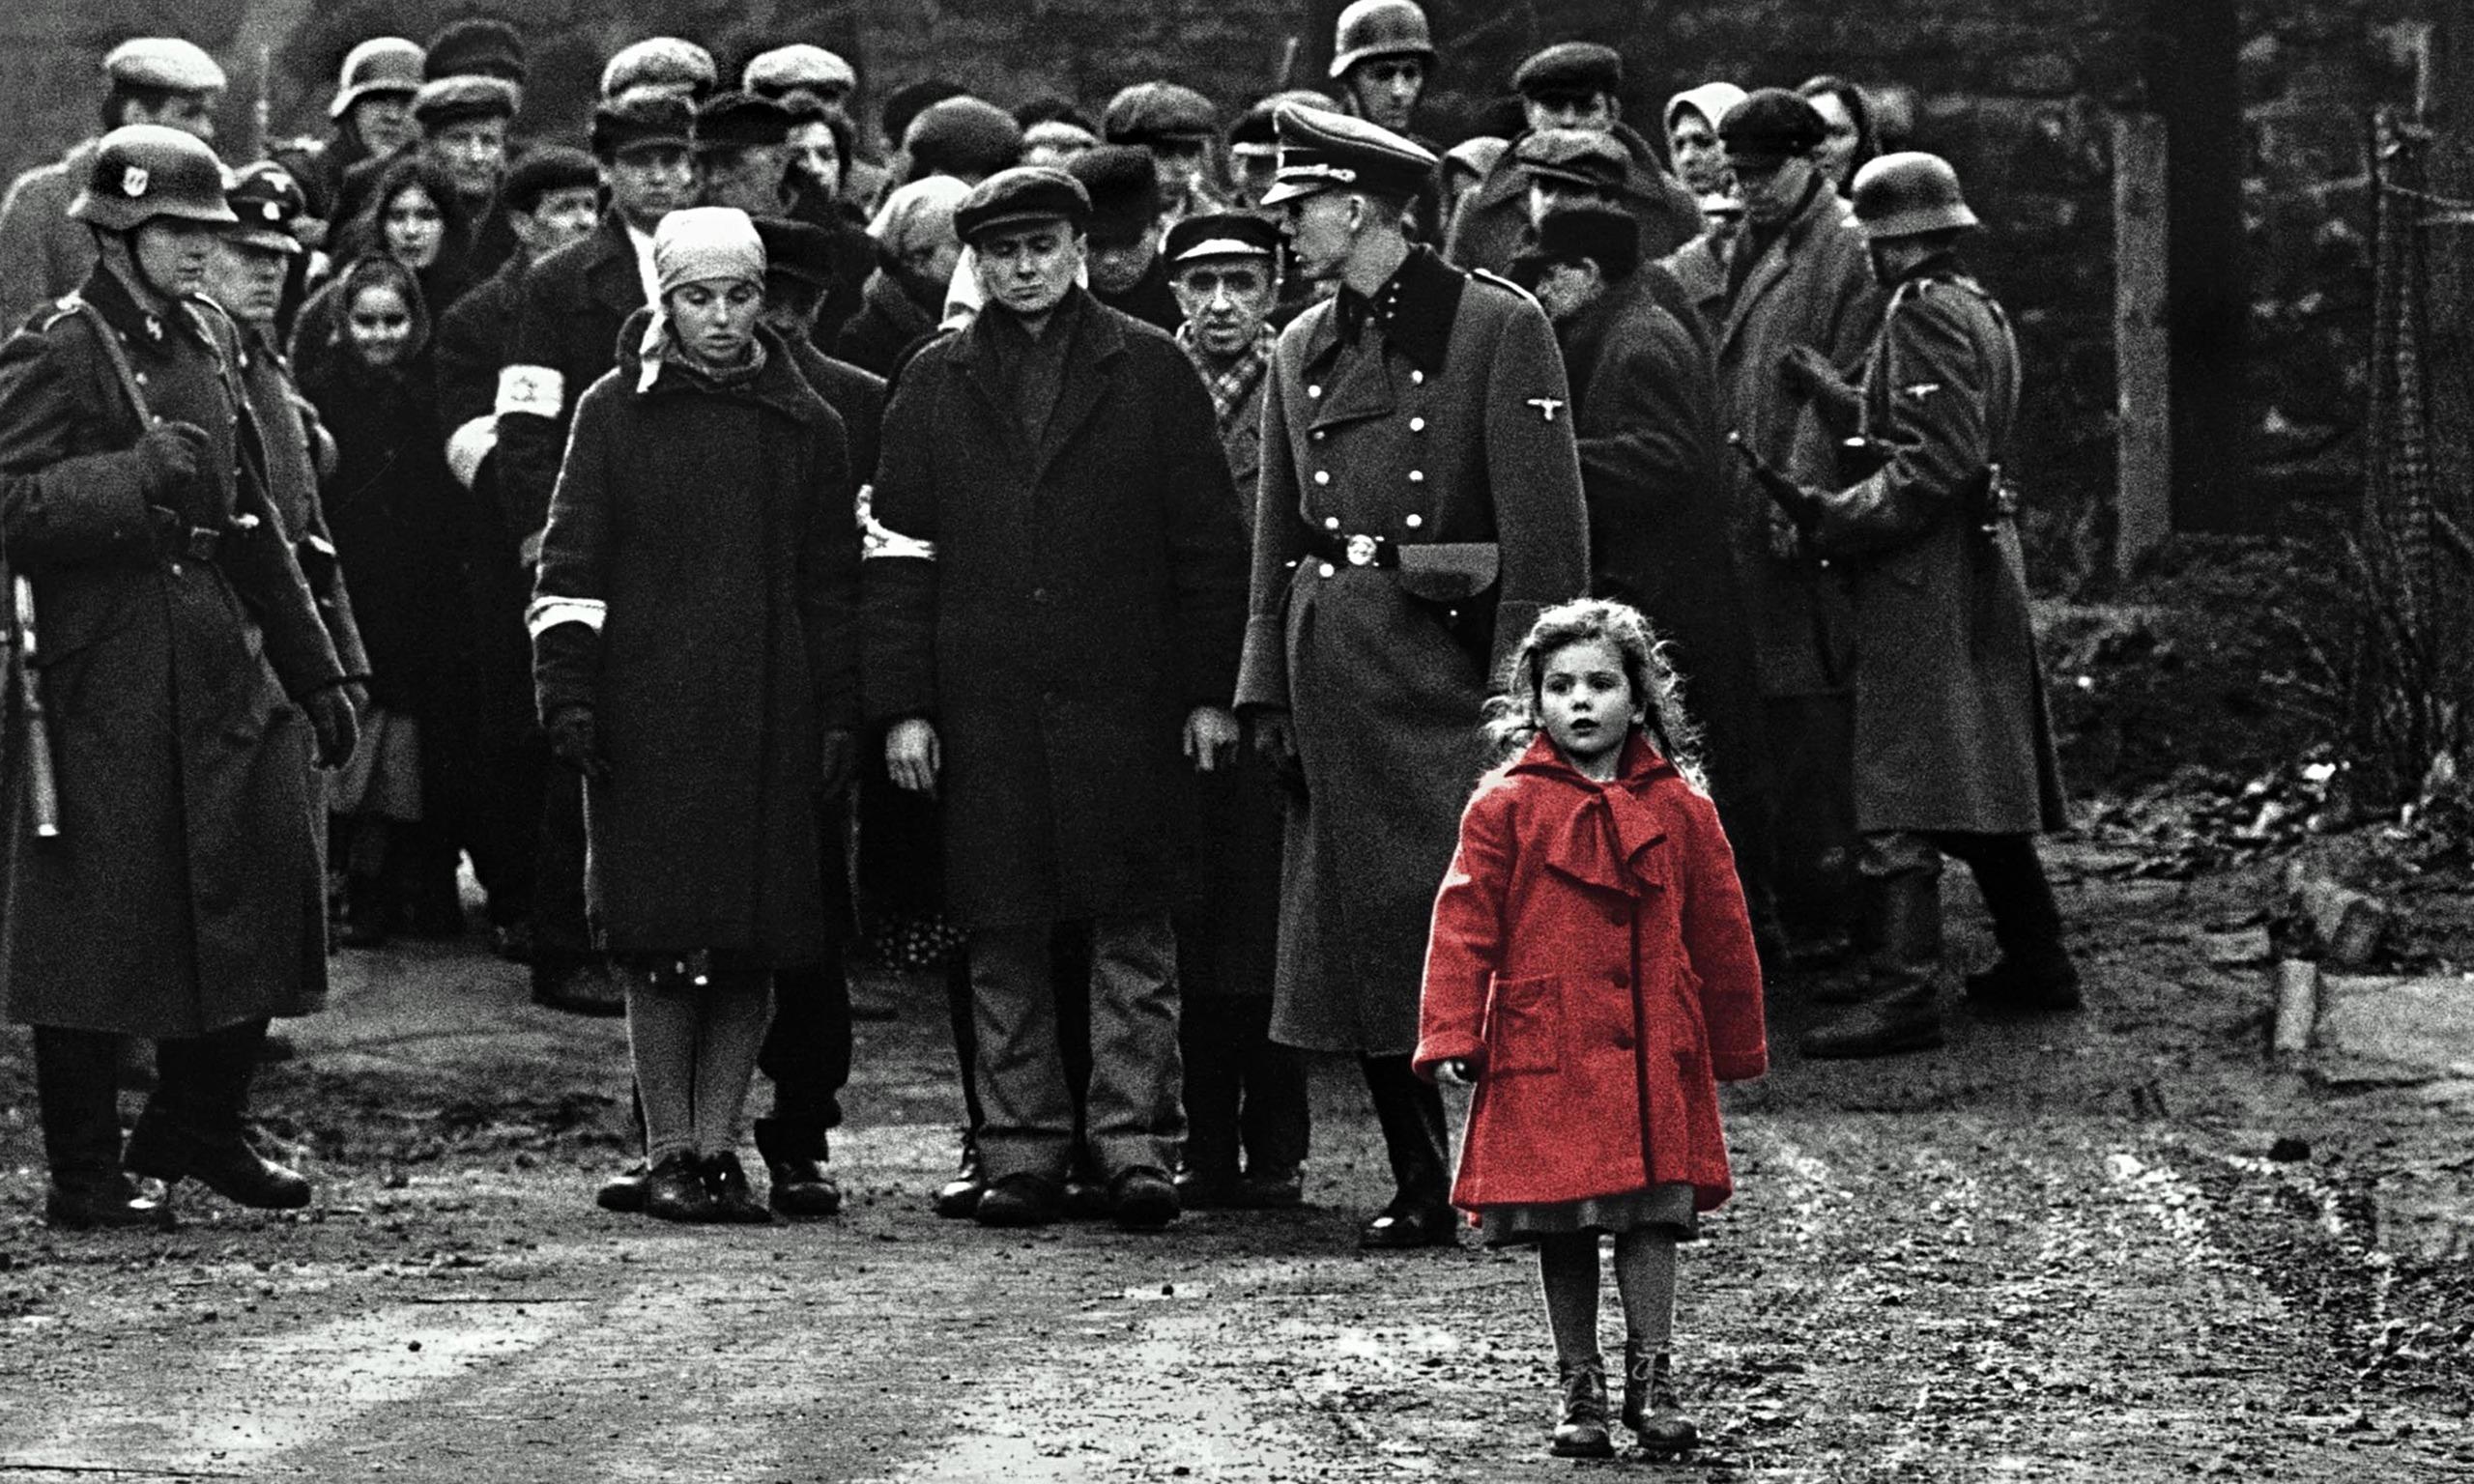 Giornata della memoria 2017, programmazione tv: film e speciali per ricordare l'Olocausto